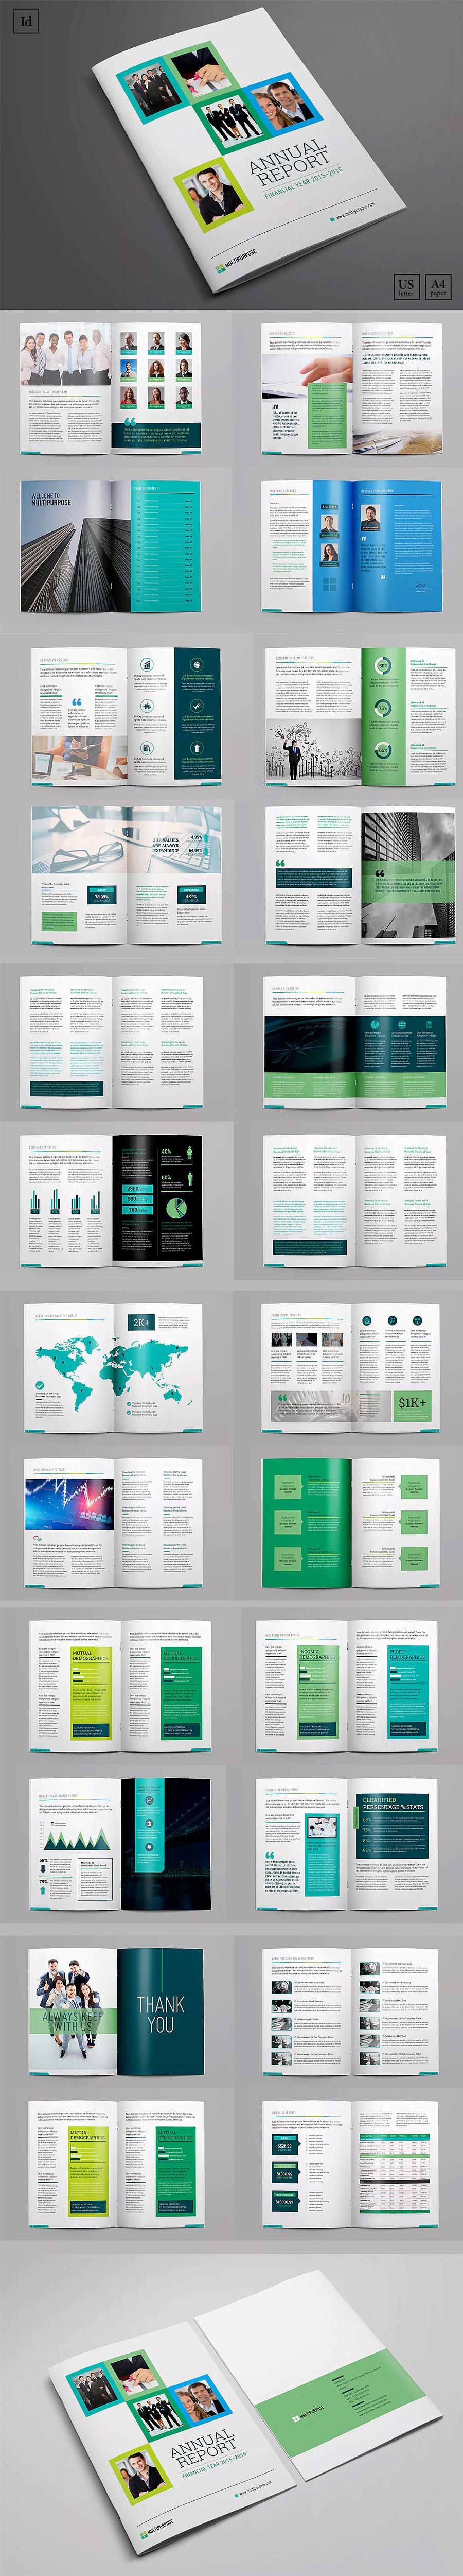 66套企业宣传册产品画册杂志排版作品集id设计模板indesign素材